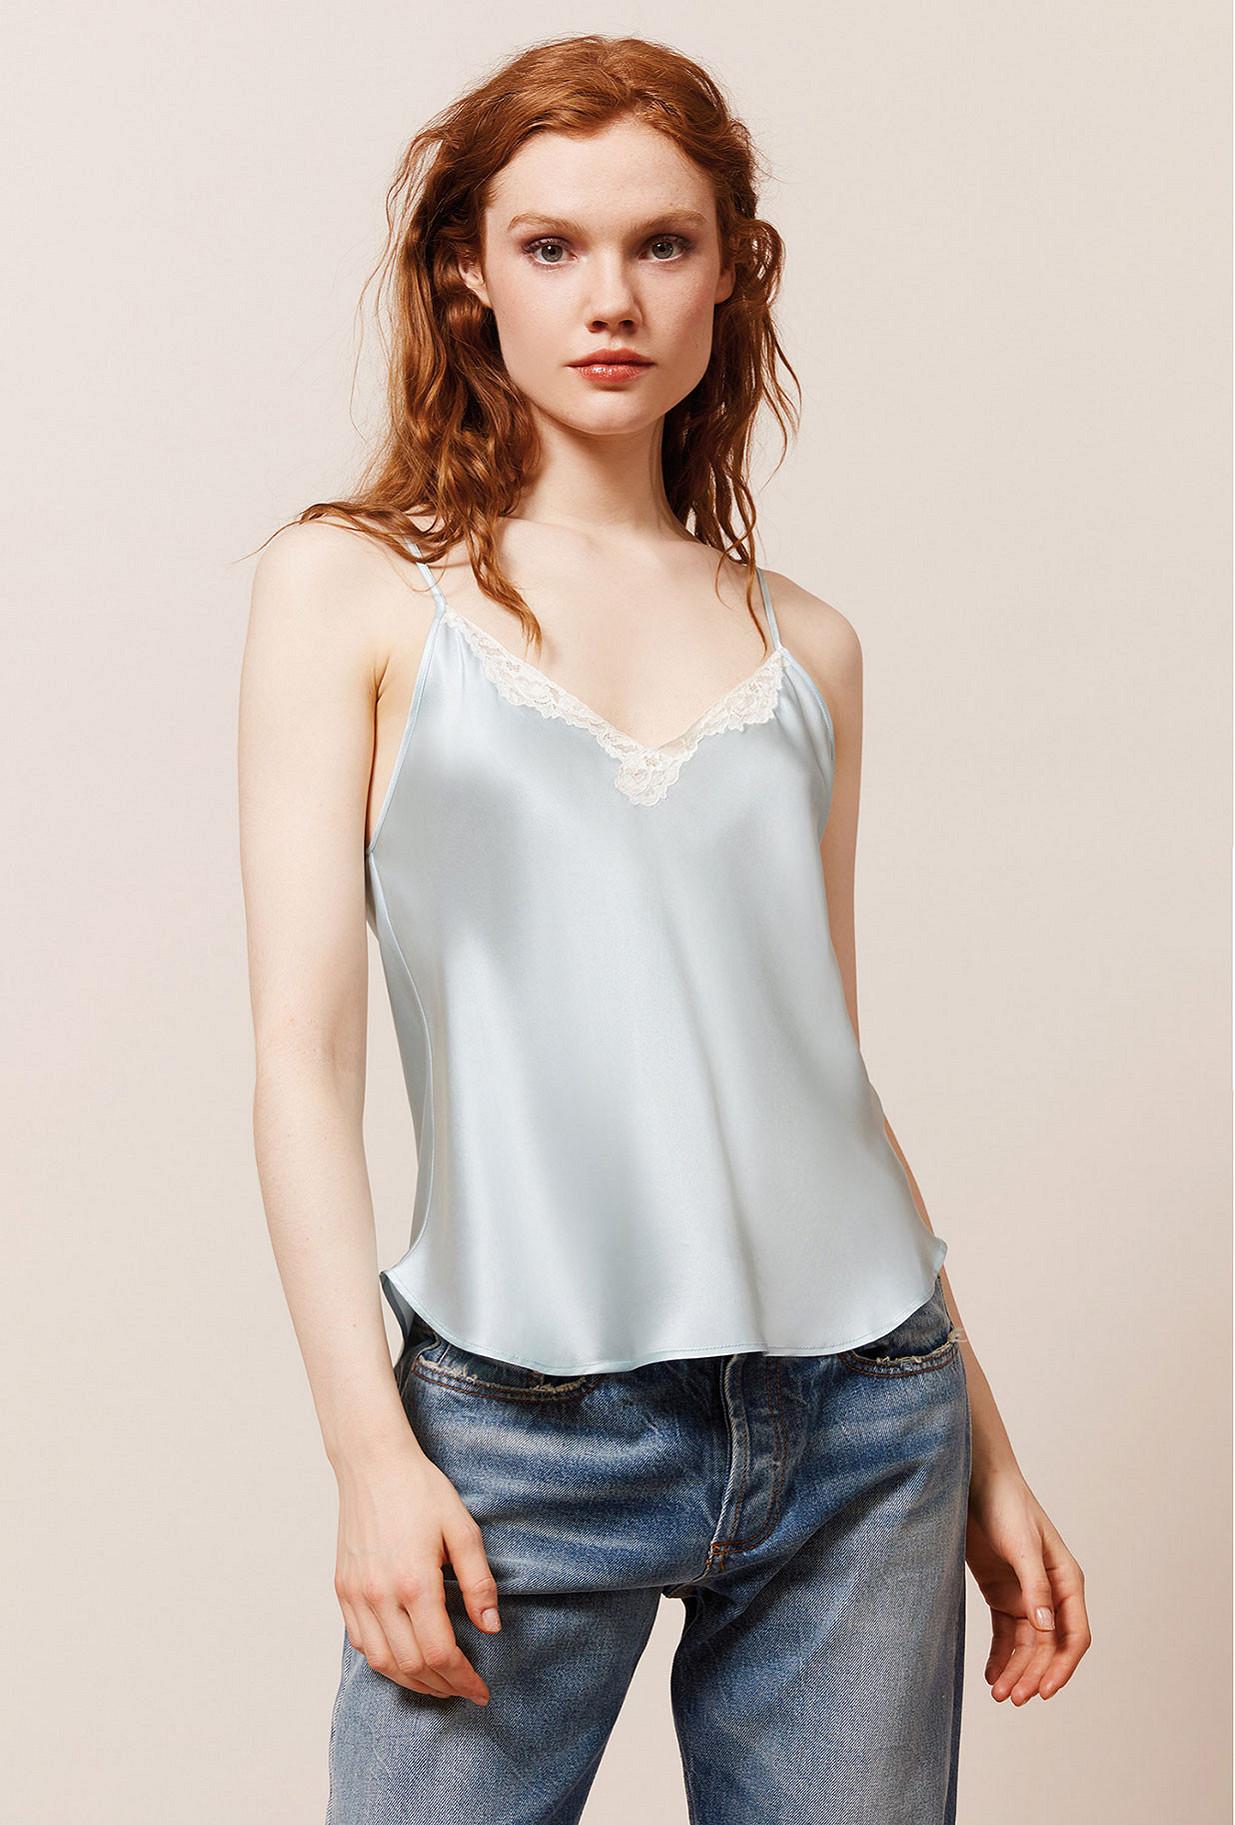 women clothes Top  Genette